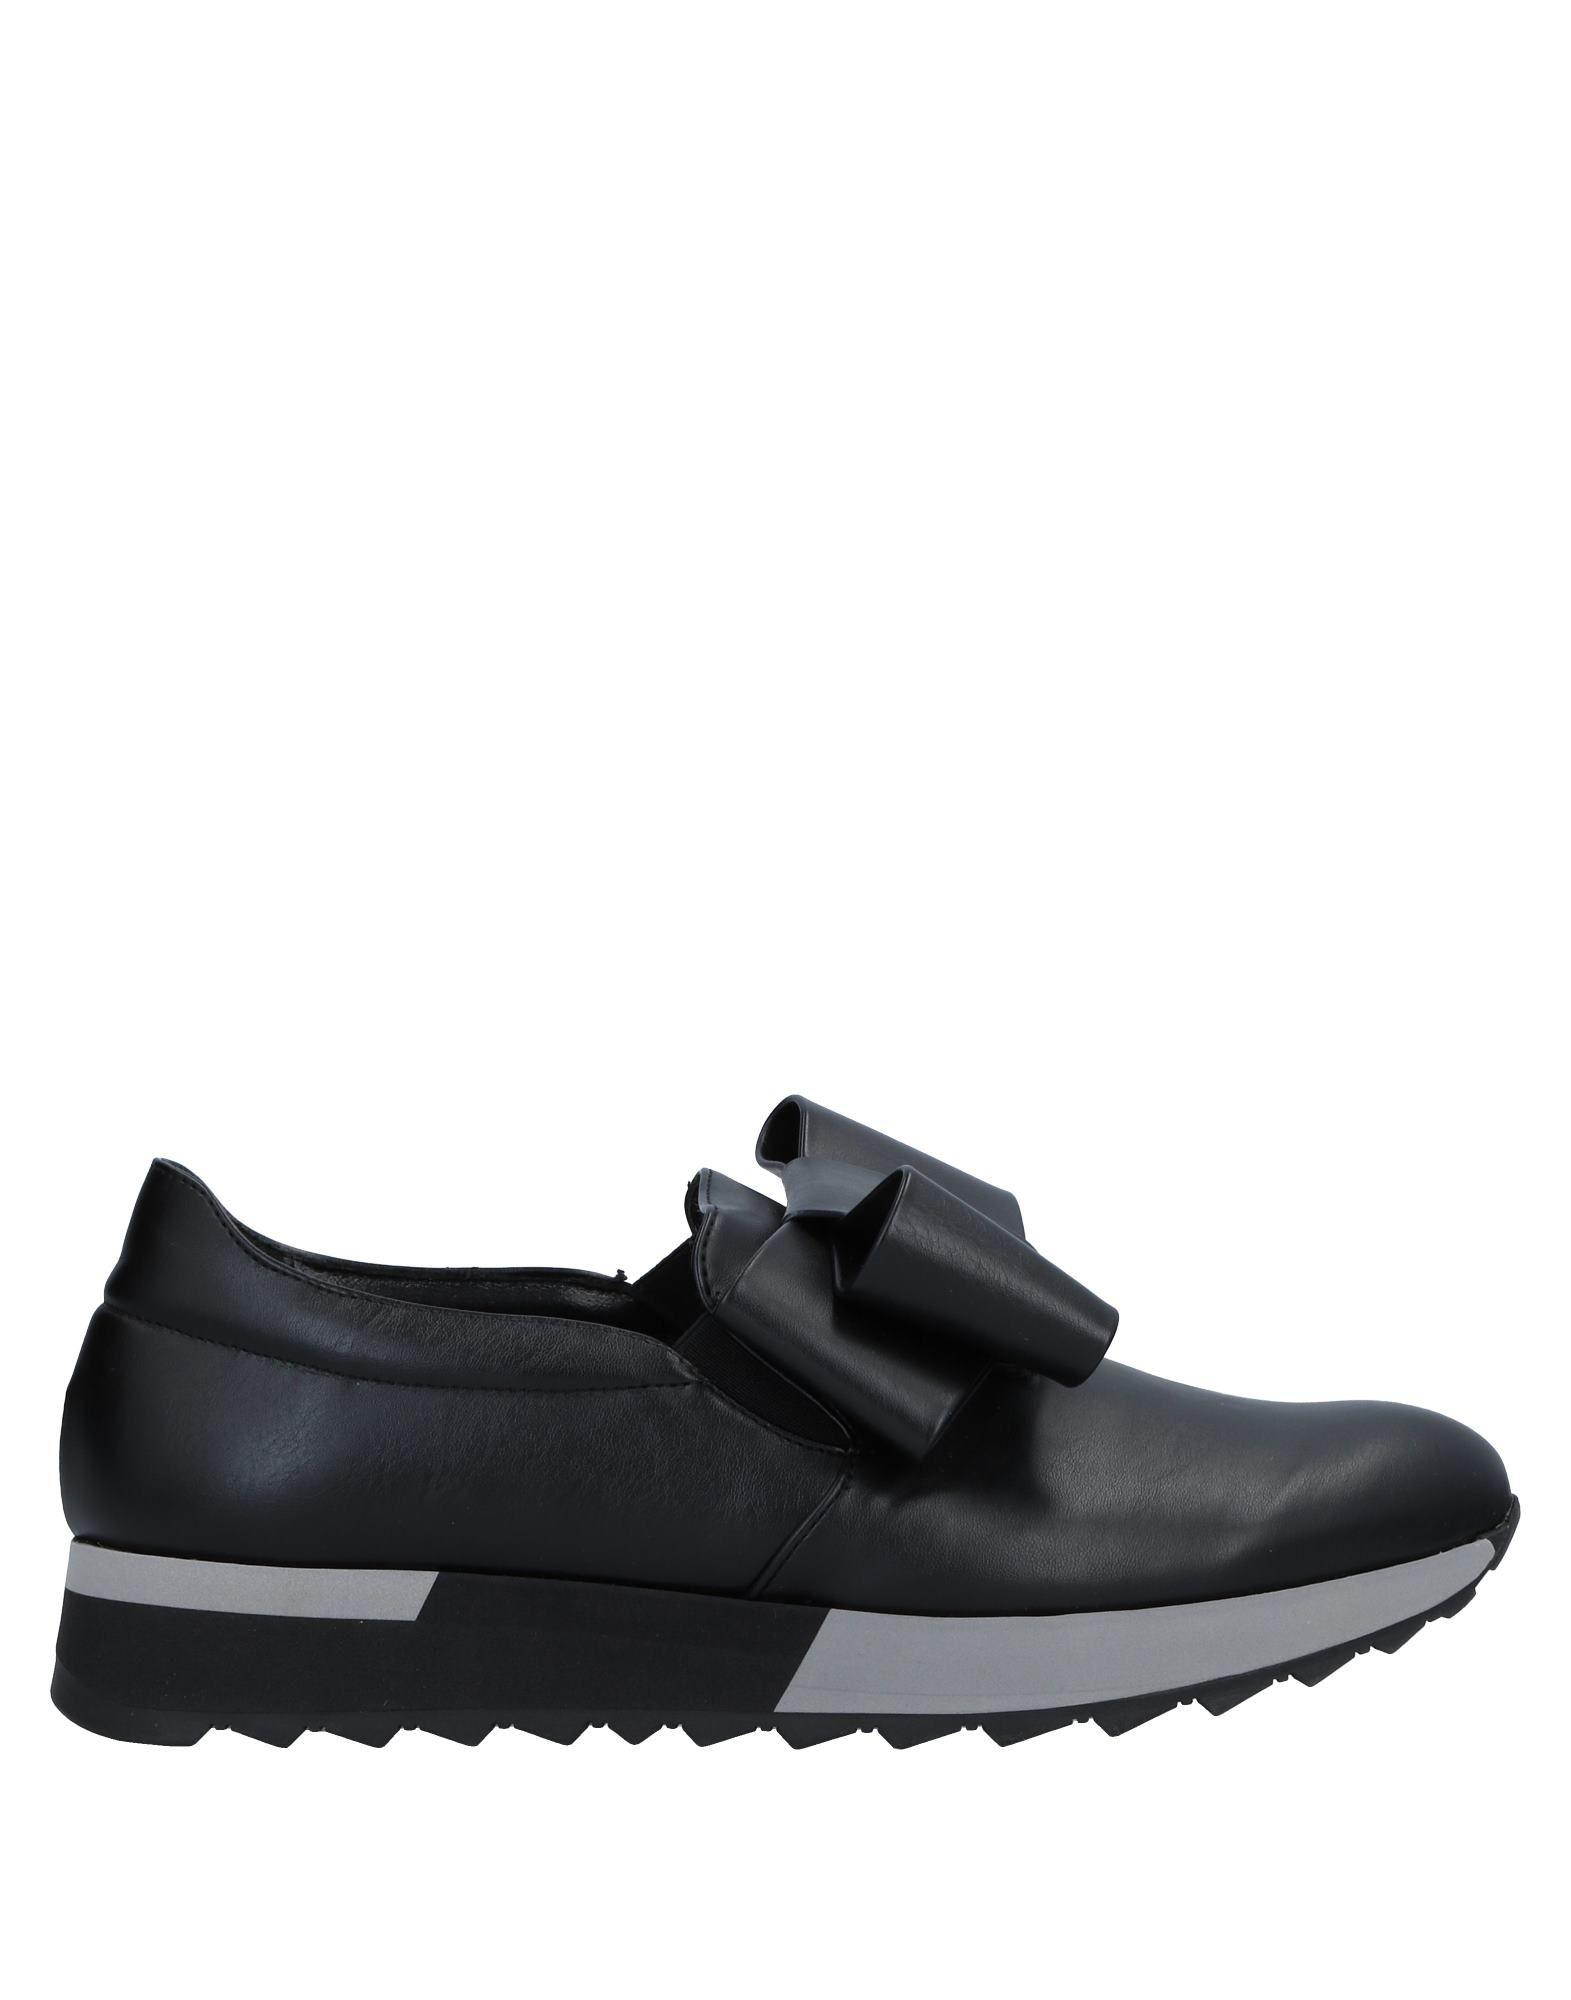 Angela George Sneakers Damen beliebte  11533970KK Gute Qualität beliebte Damen Schuhe 77a874